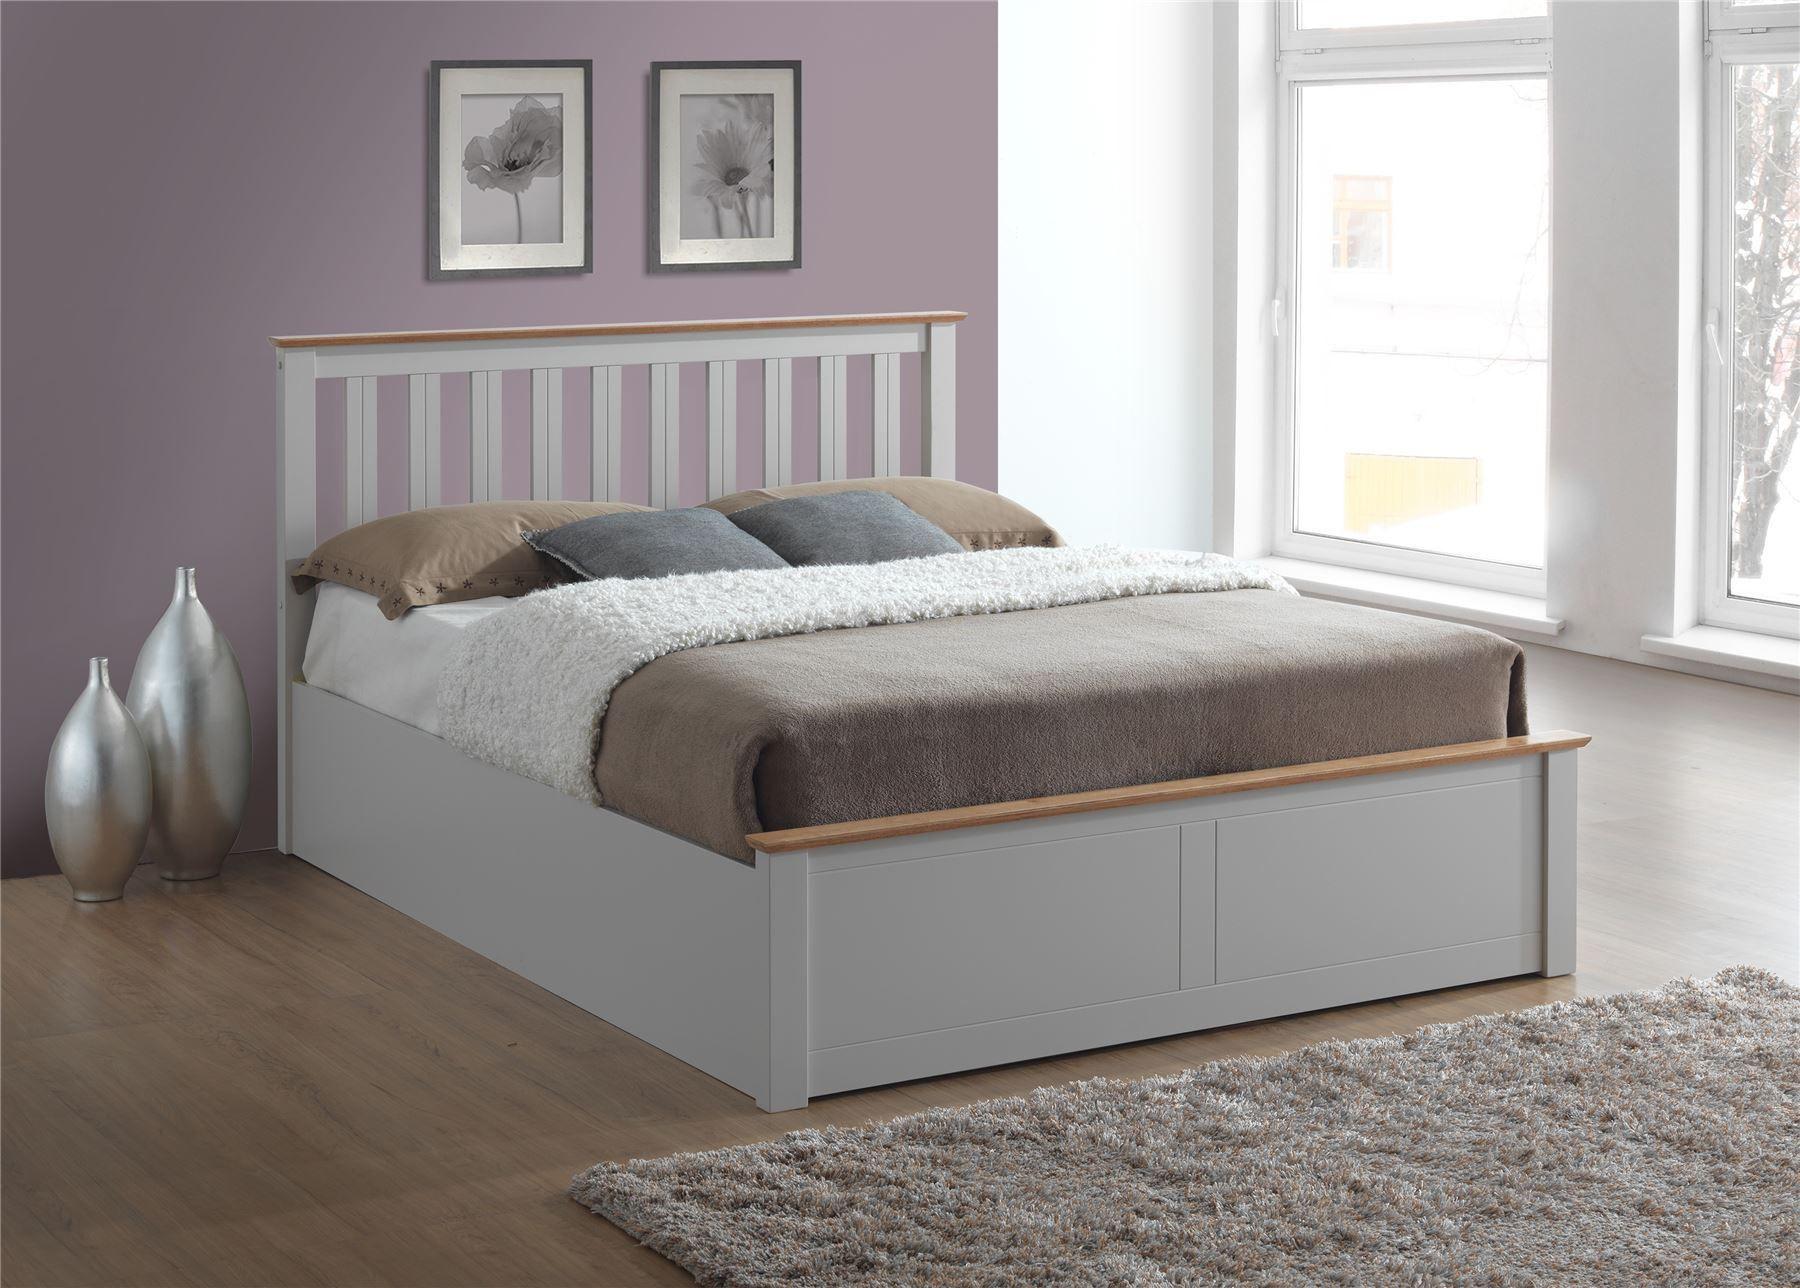 King Plattform Bett Stoff Doppelbett Mit Stauraum Volle Grosse